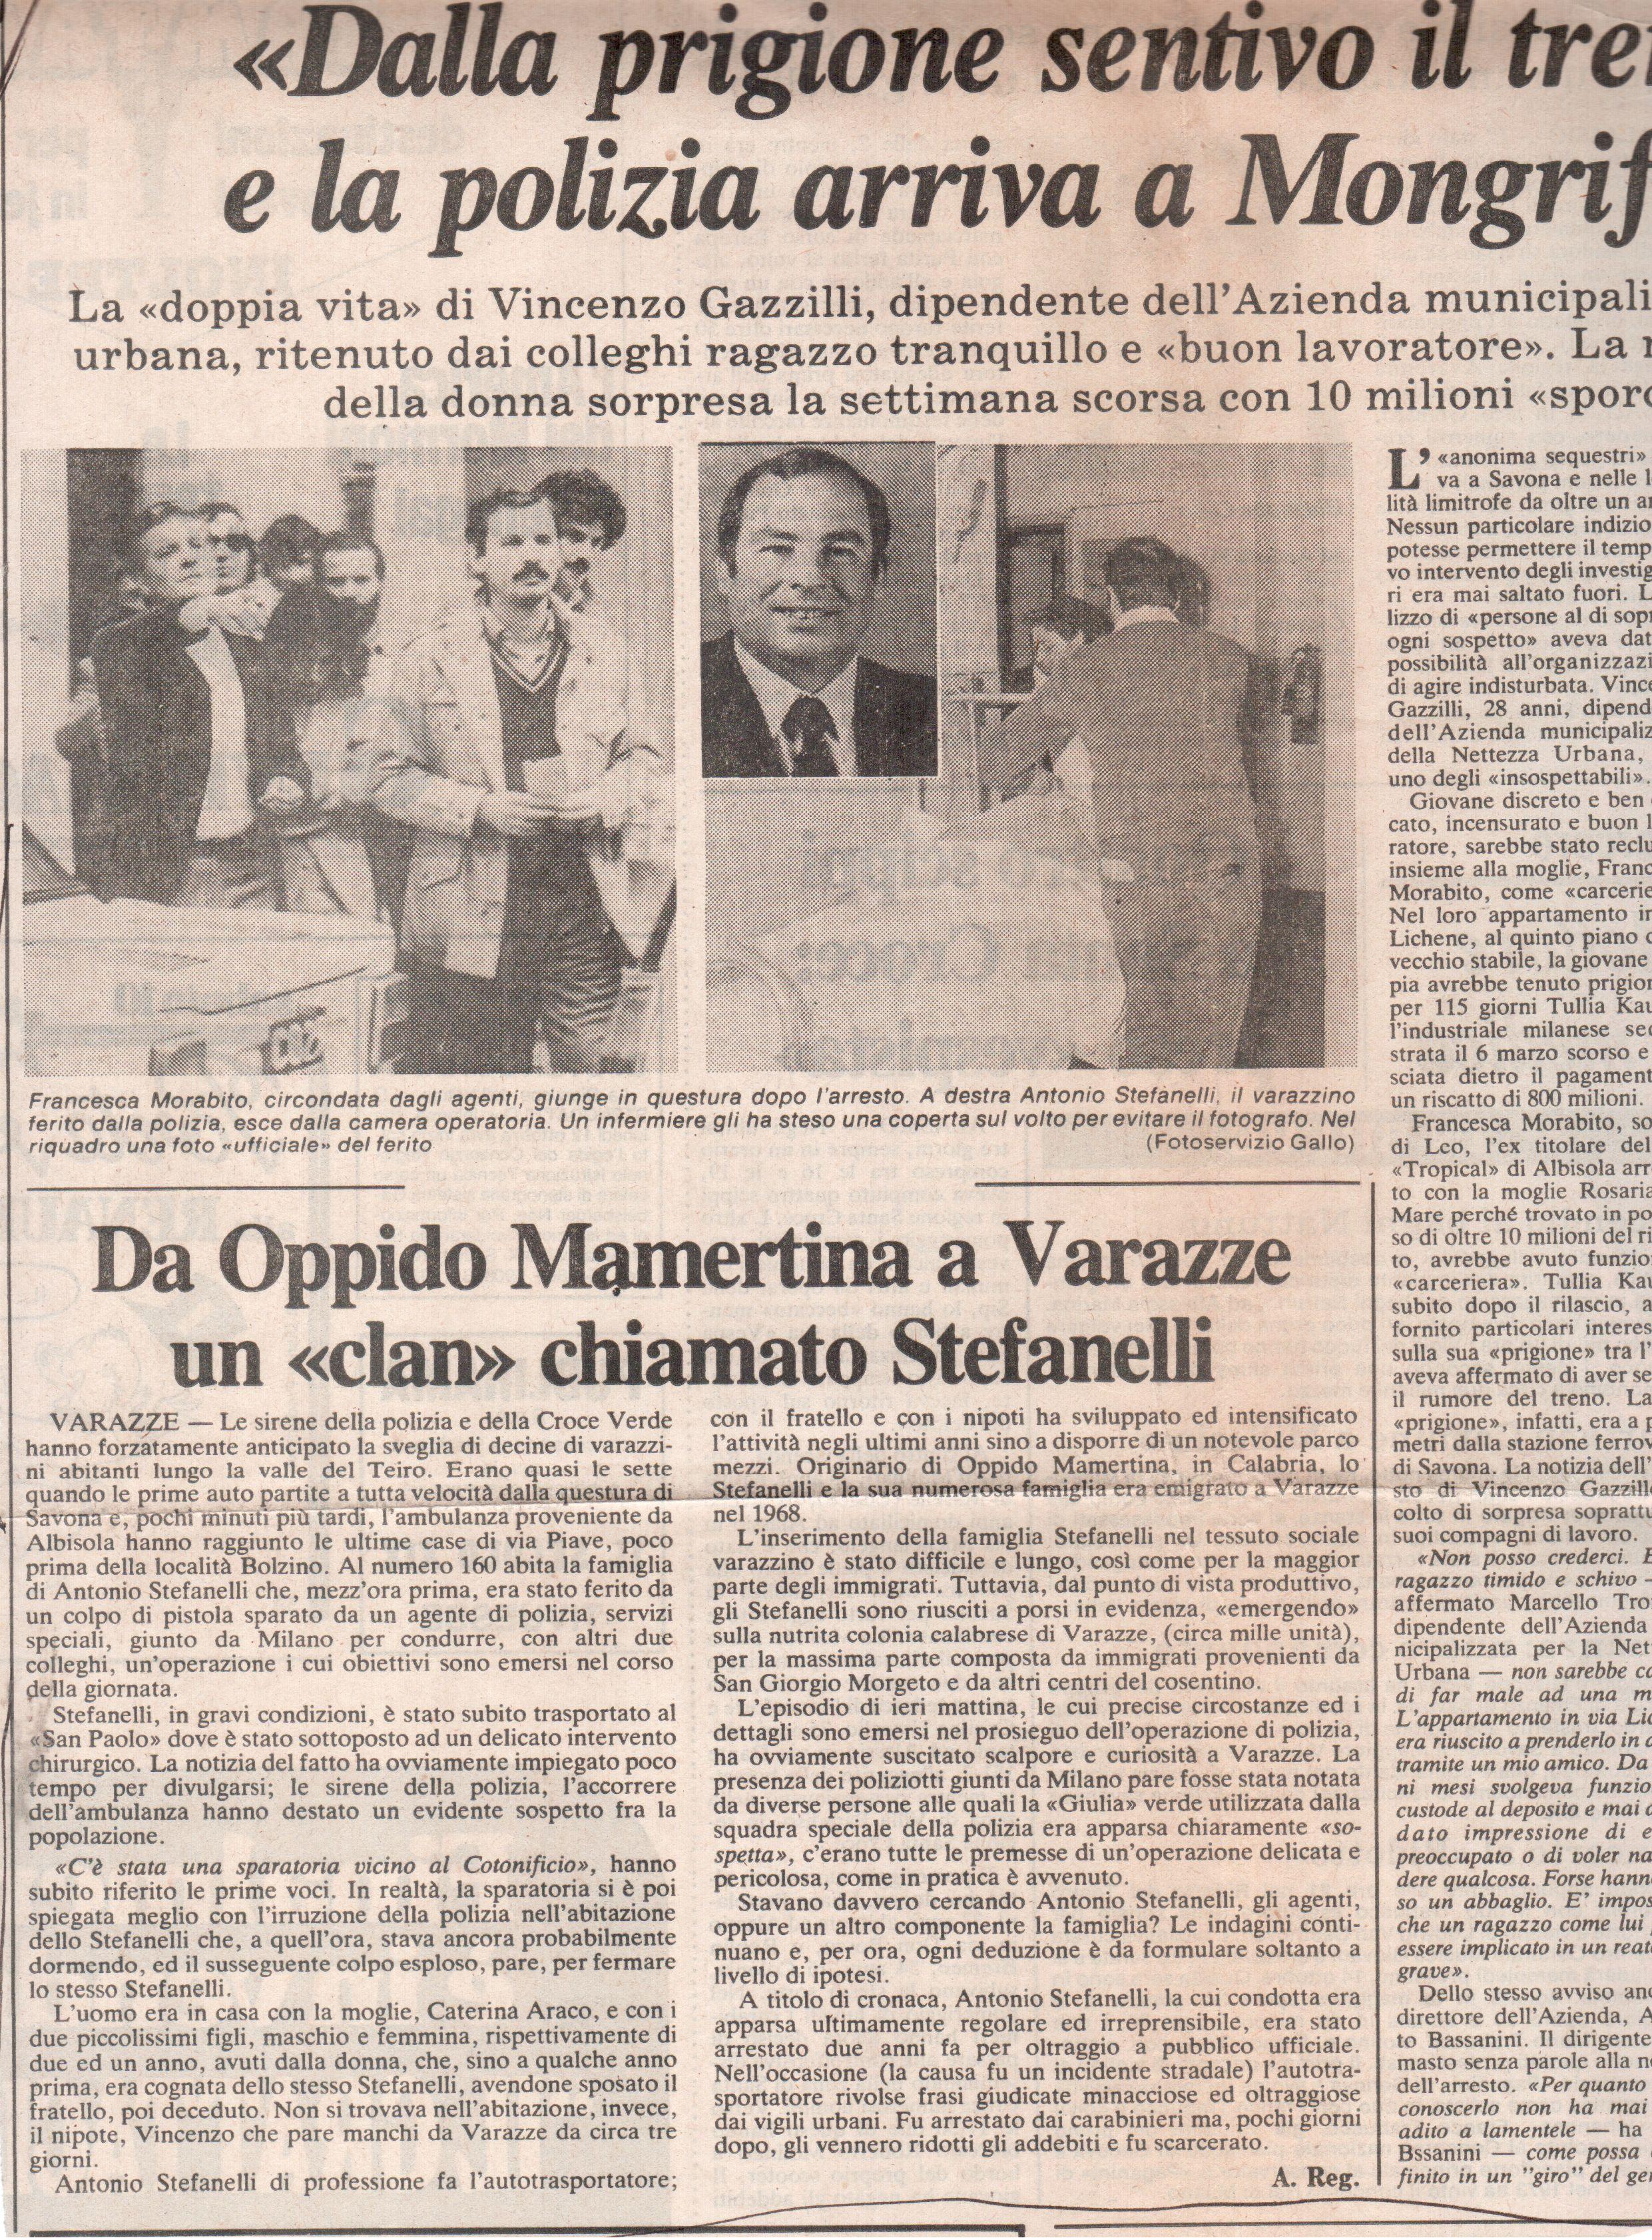 Varzze-Stefanelli